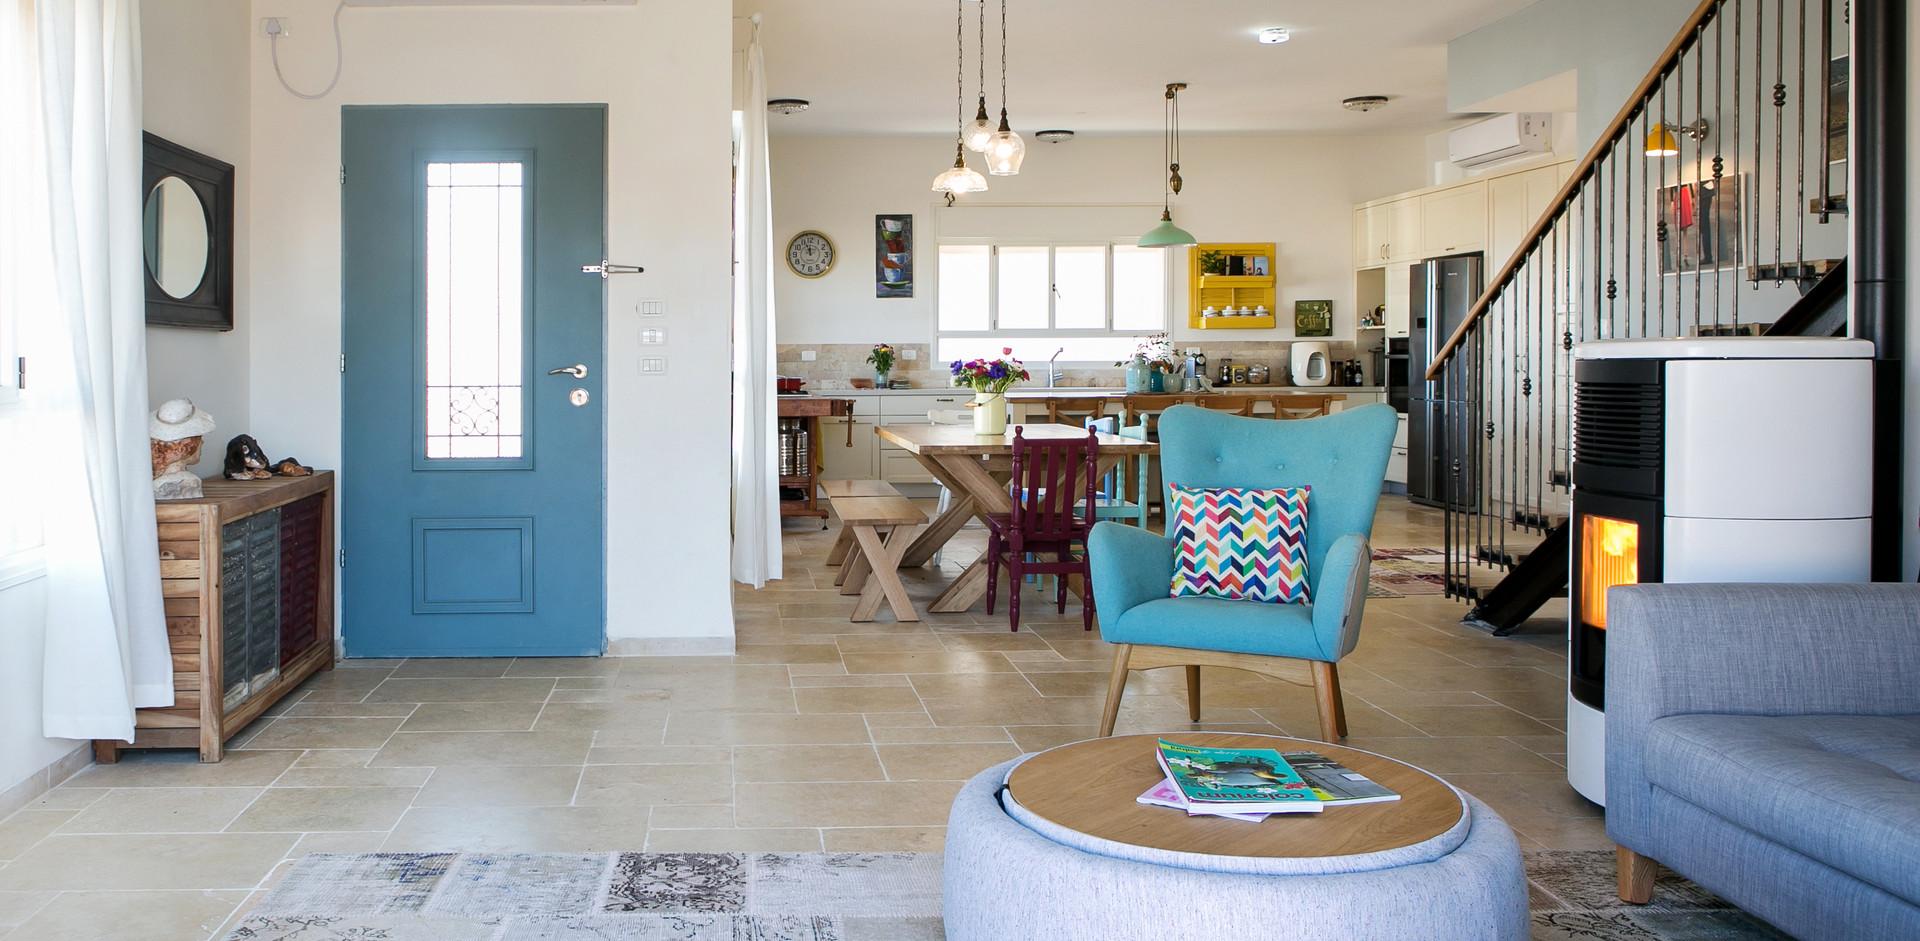 מראה מכיוון הסלון על כניסה לבית, פינת האוכל ומטבח